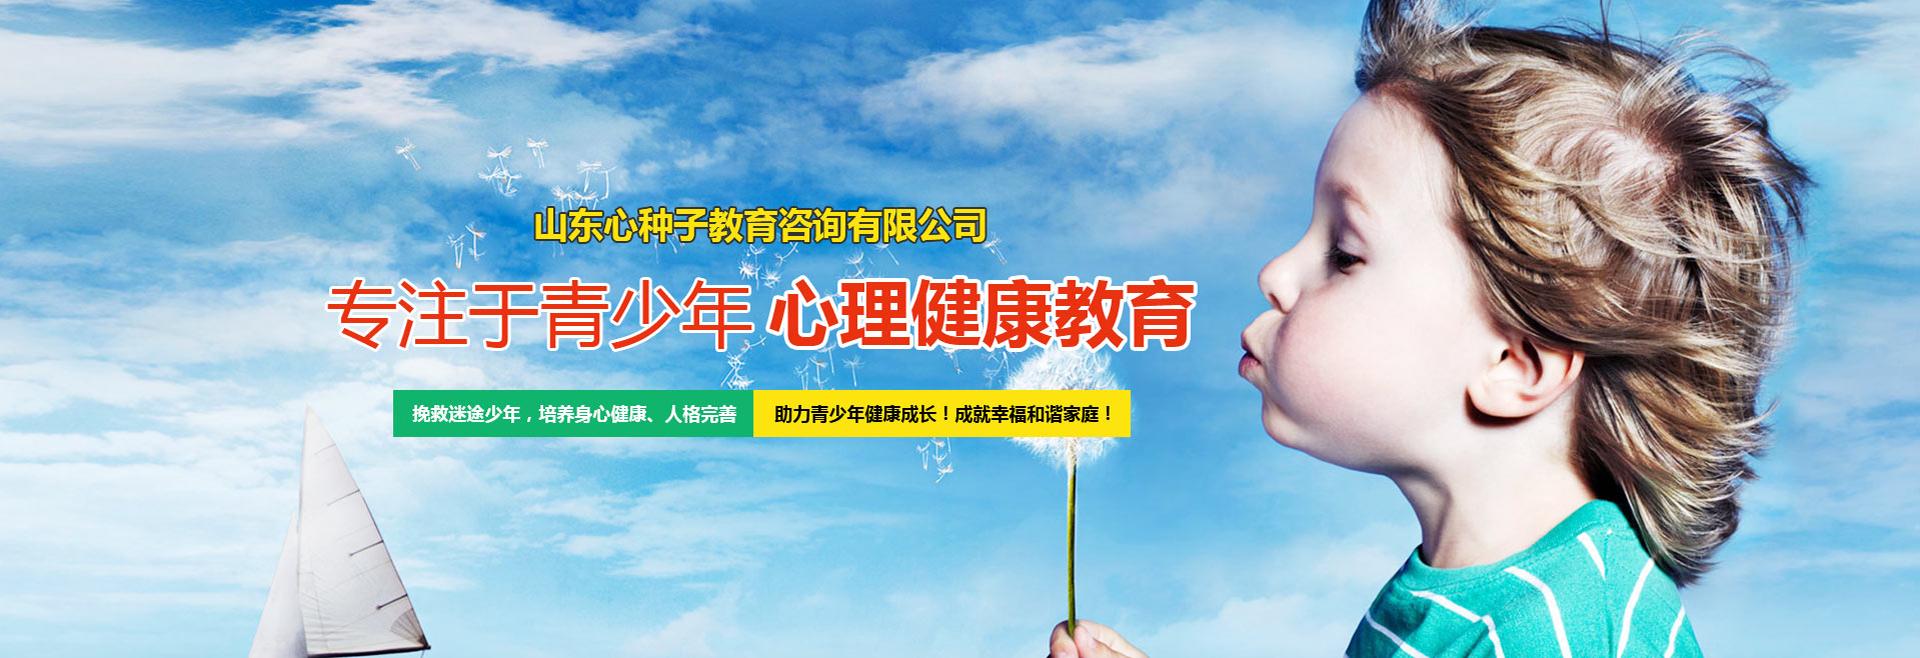 山东心种子教育咨询有限公司